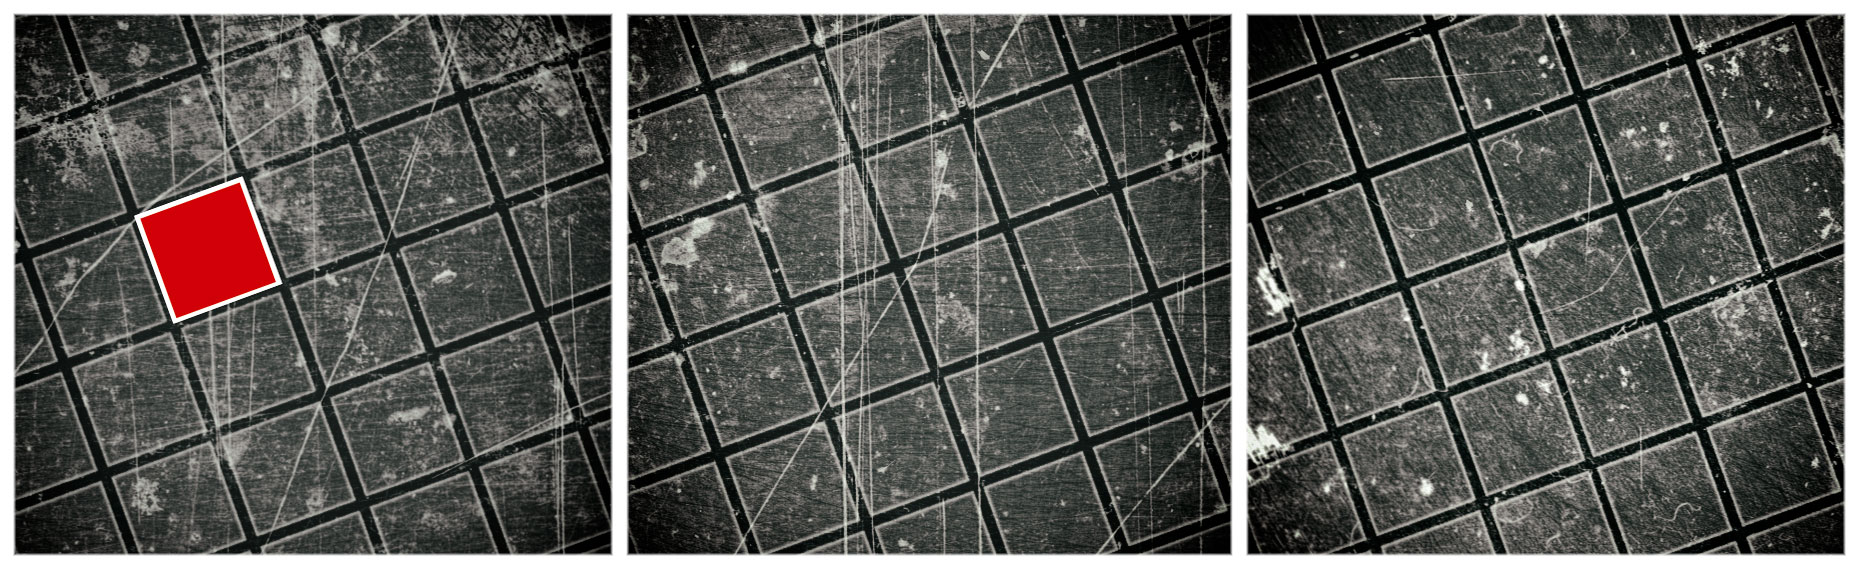 bg galerie pixels